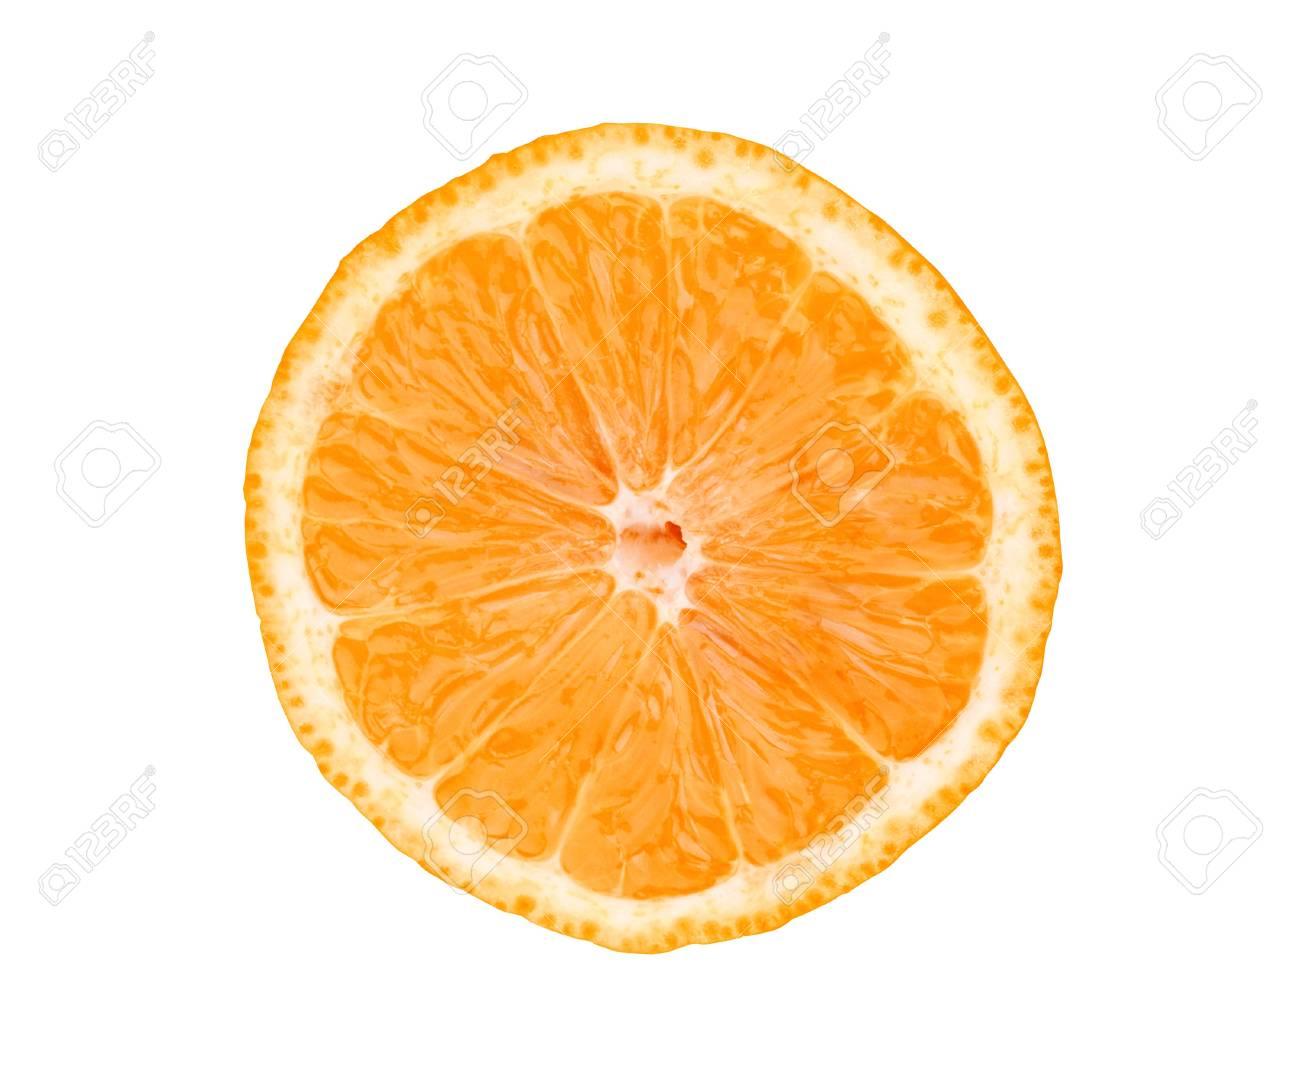 Big fresh juicy orange slice isolated on white background Stock Photo - 17859725